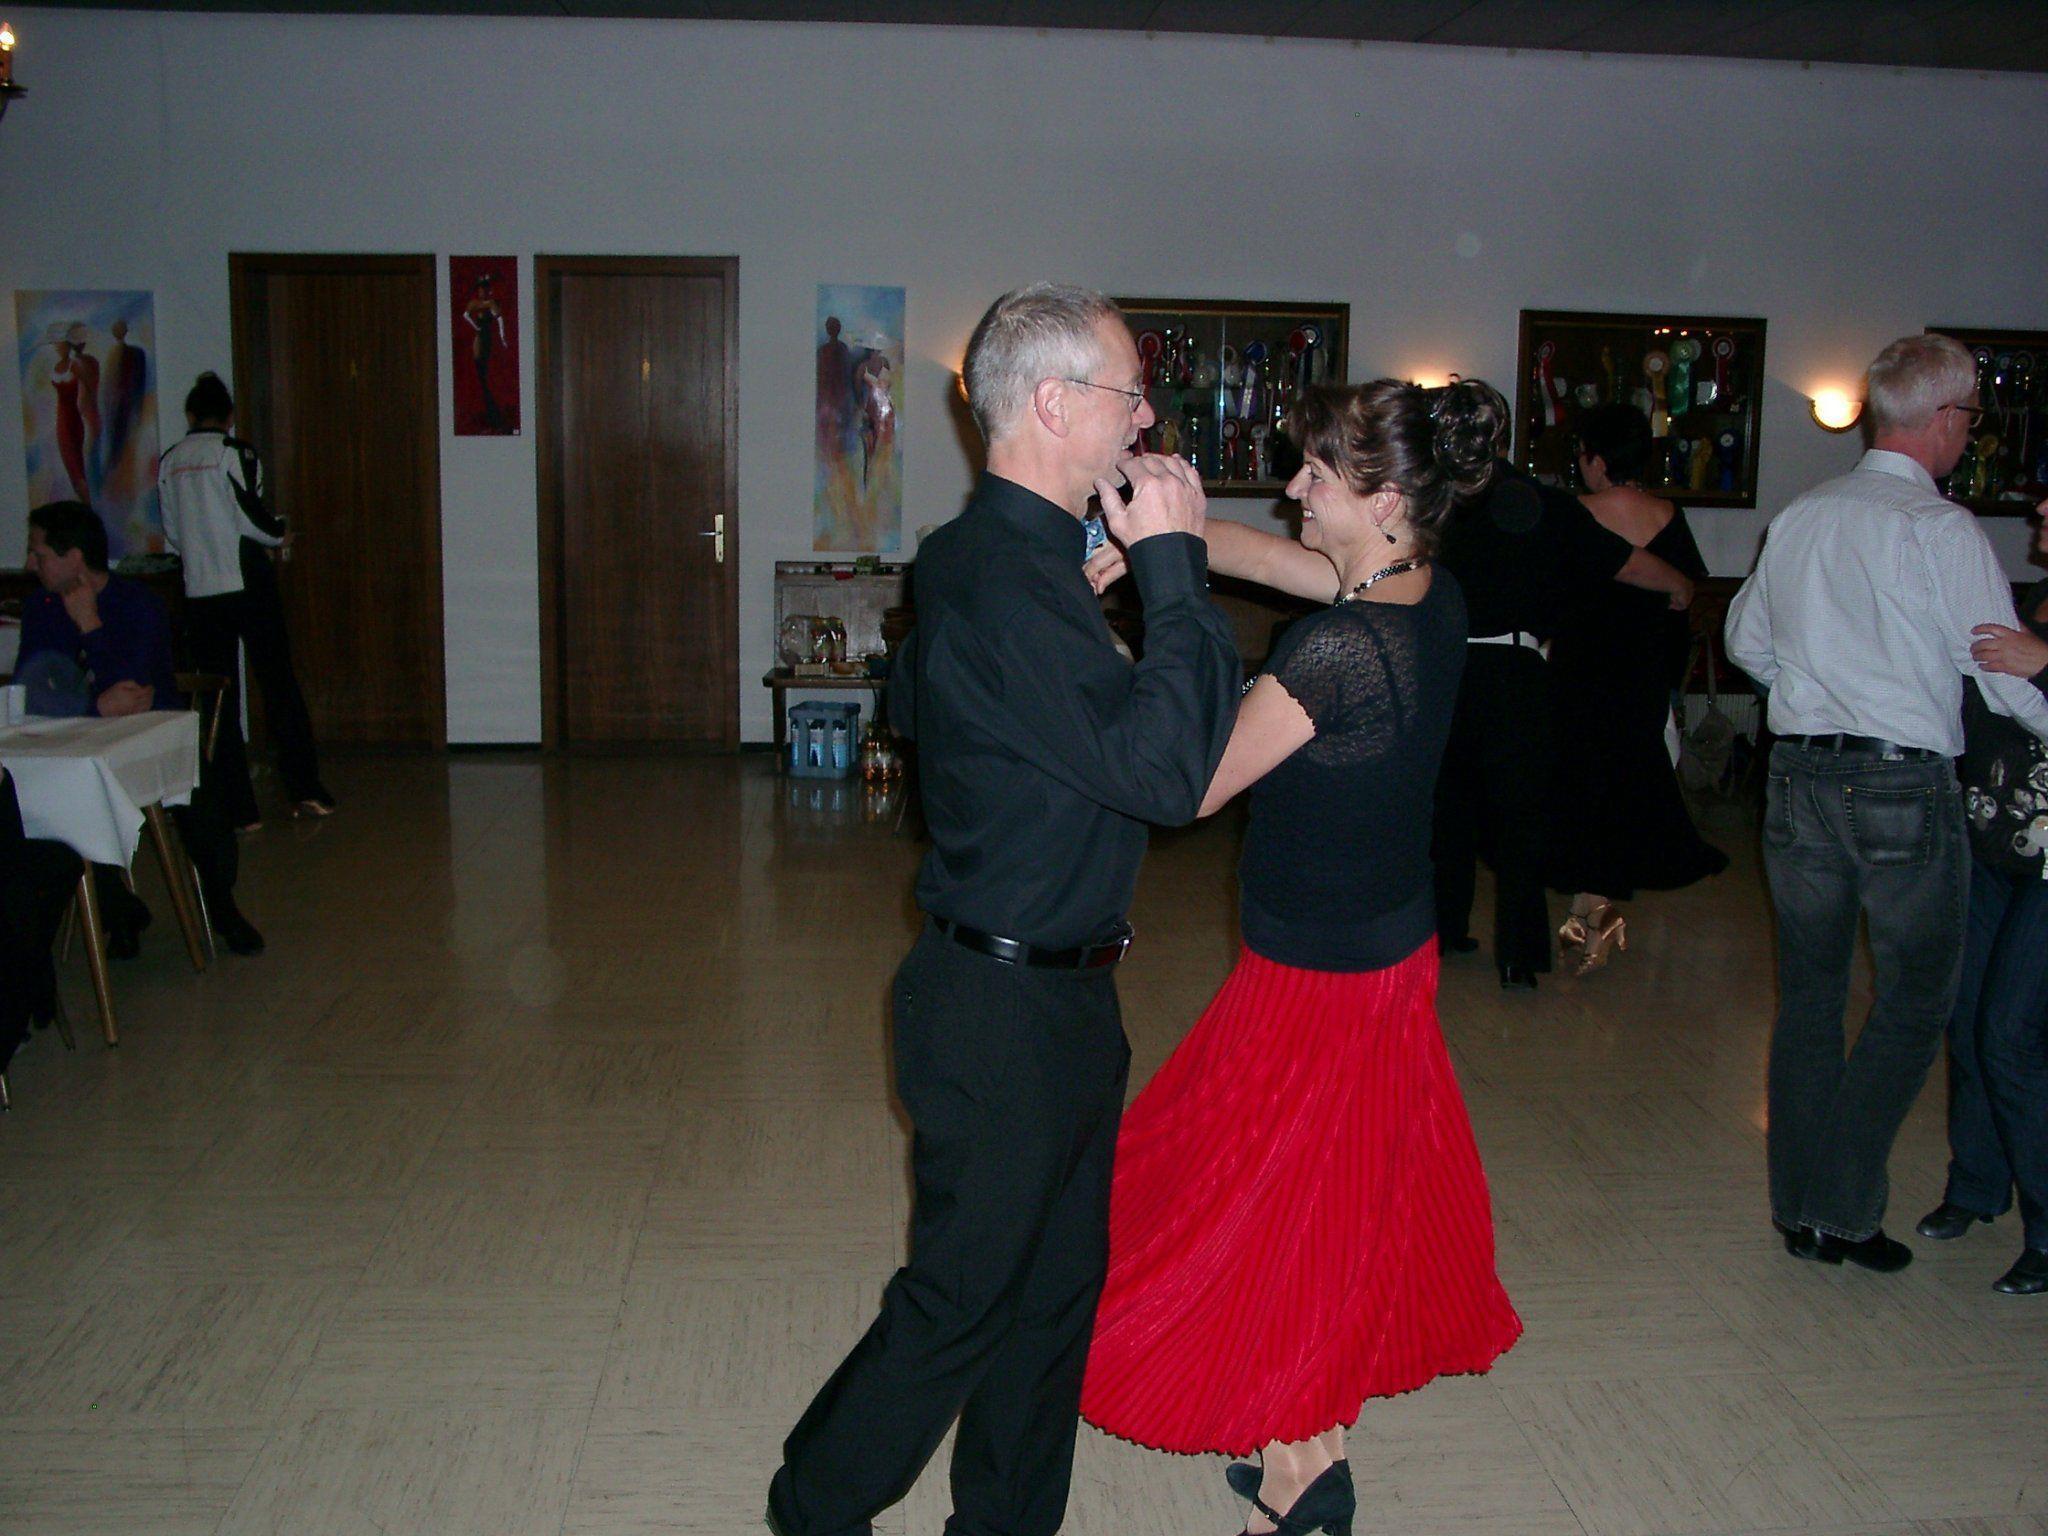 Viele tanzten stundenlang beim österreichweiten Tag der offenen Tür.